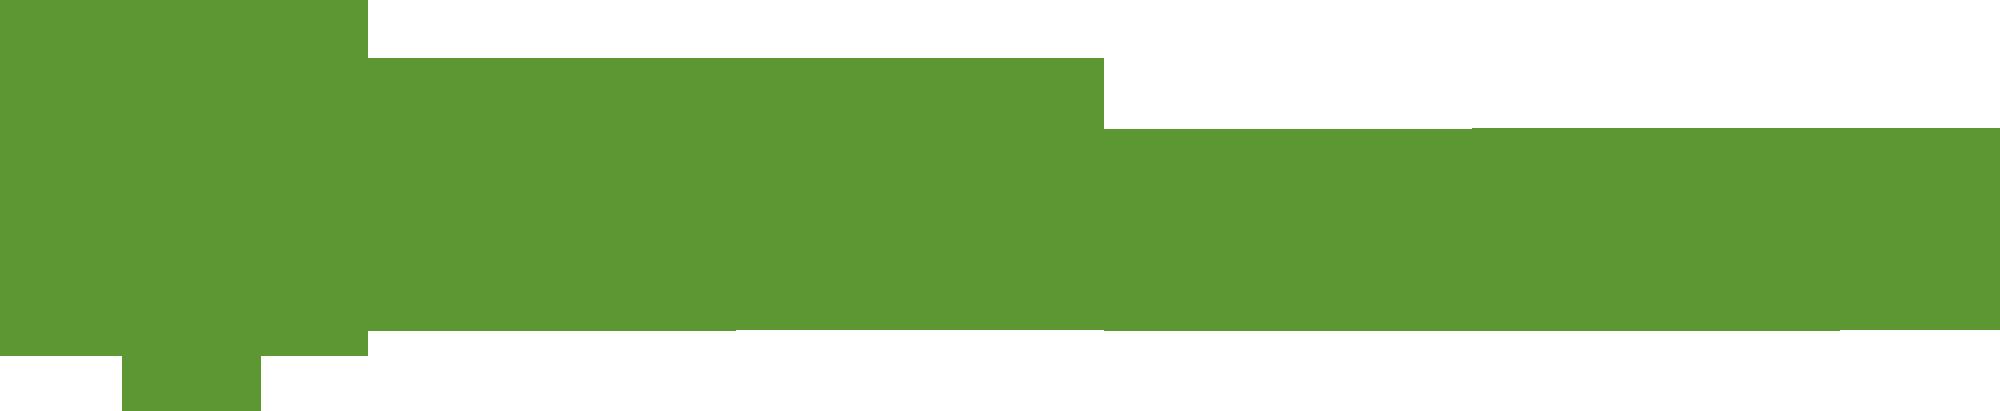 サーバーワークスは統合データ保護サービス「Druva」のパートナーに認定されました